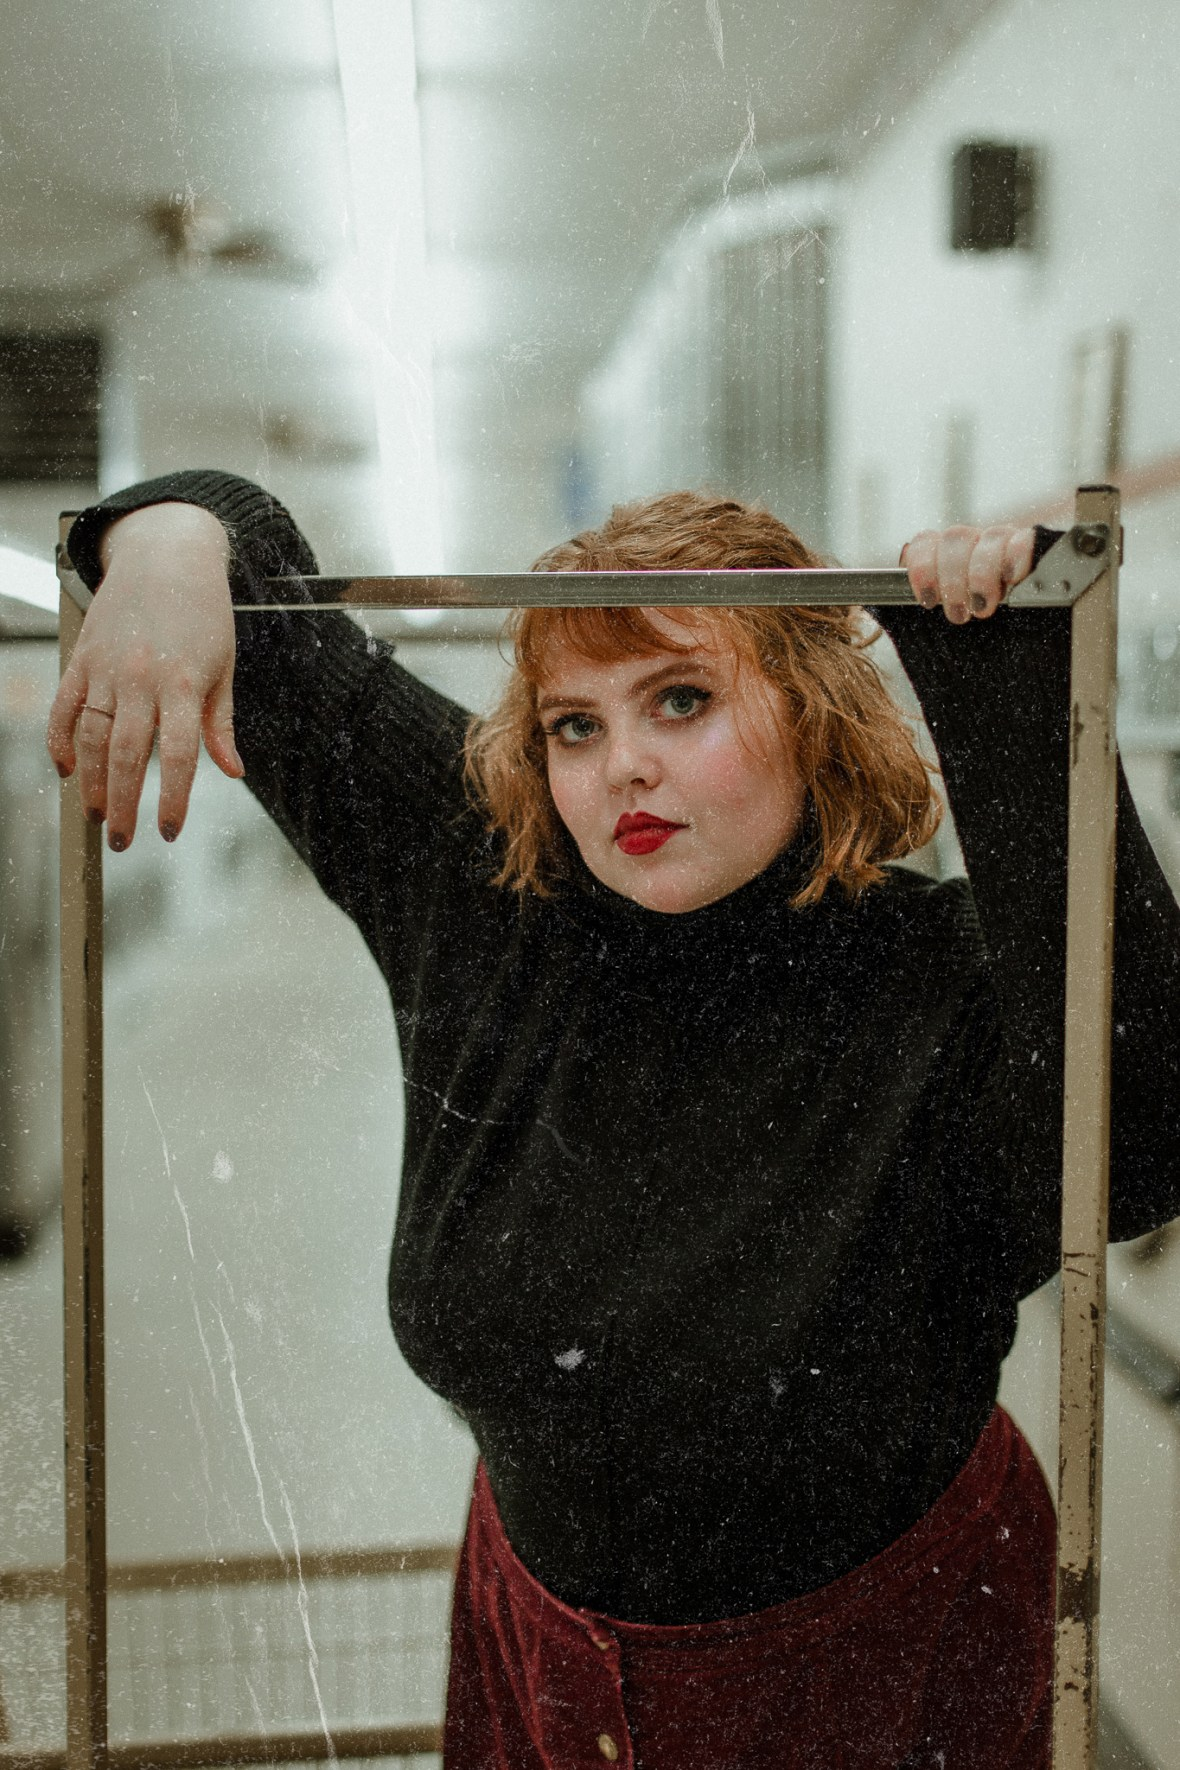 Laundromat Portrait Photography Louisville Kentucky